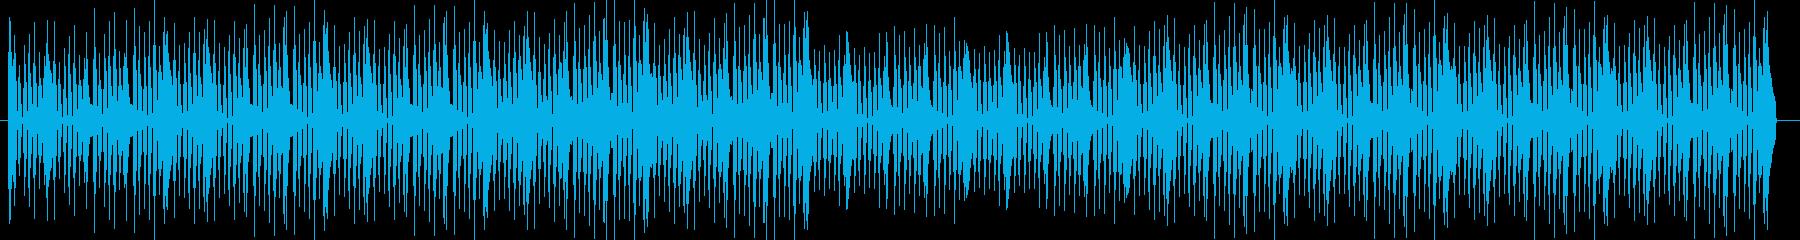 ちょっとアダルトチックなジャズフュージ…の再生済みの波形